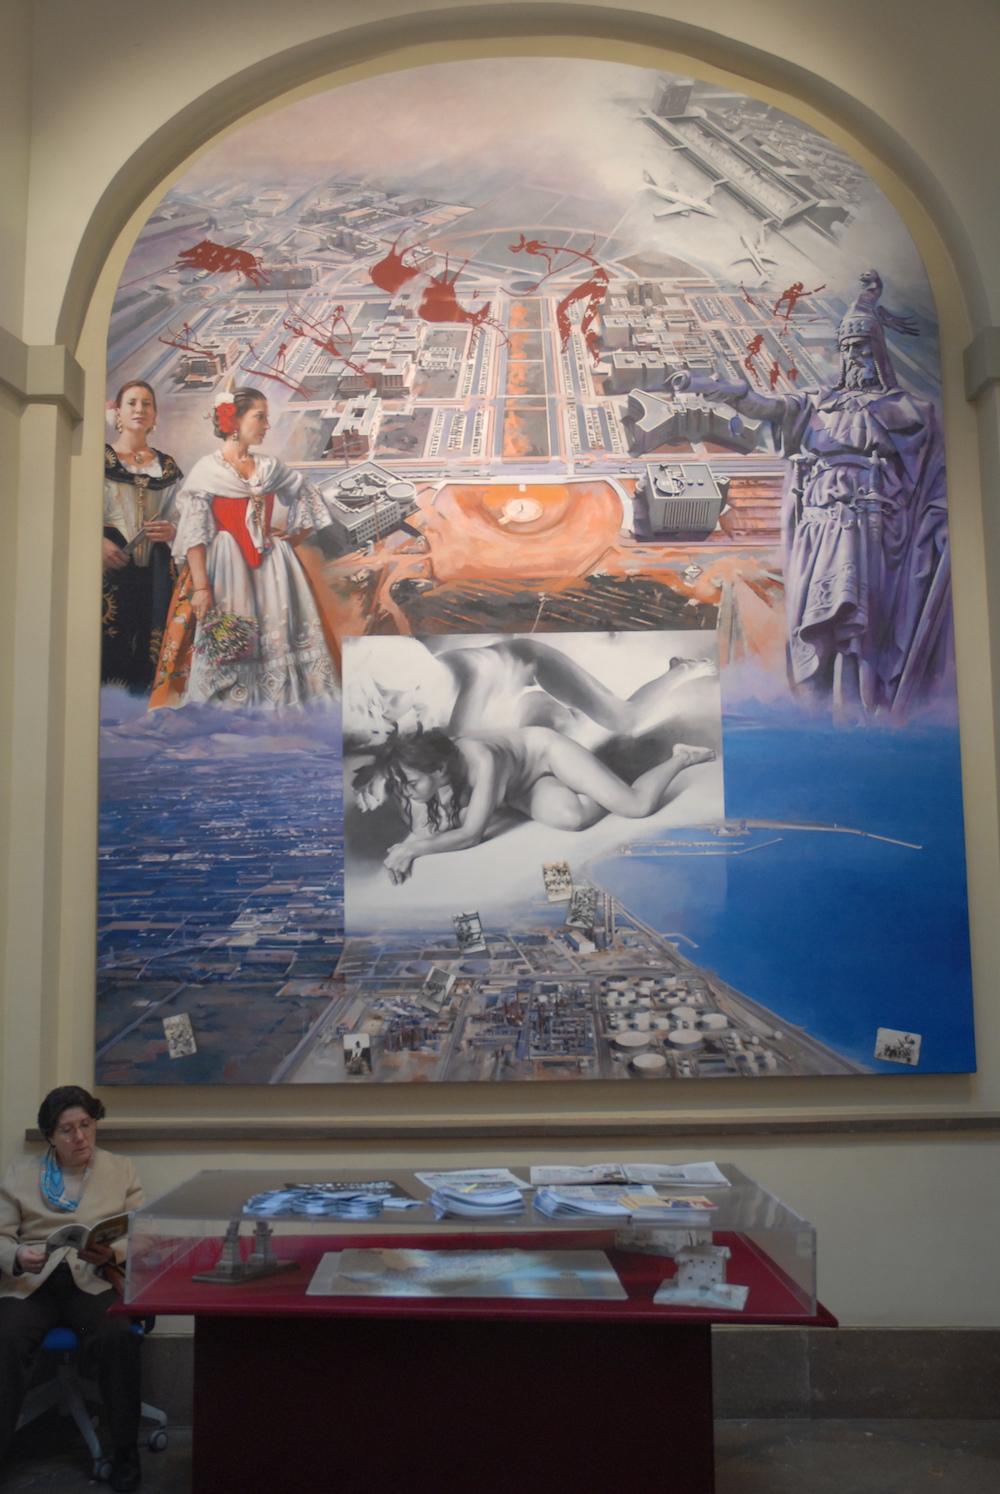 La UJI, junto a las pinturas rupestres y otros elementos relacionados con el desarrollo de la provincia protagonizan este mural